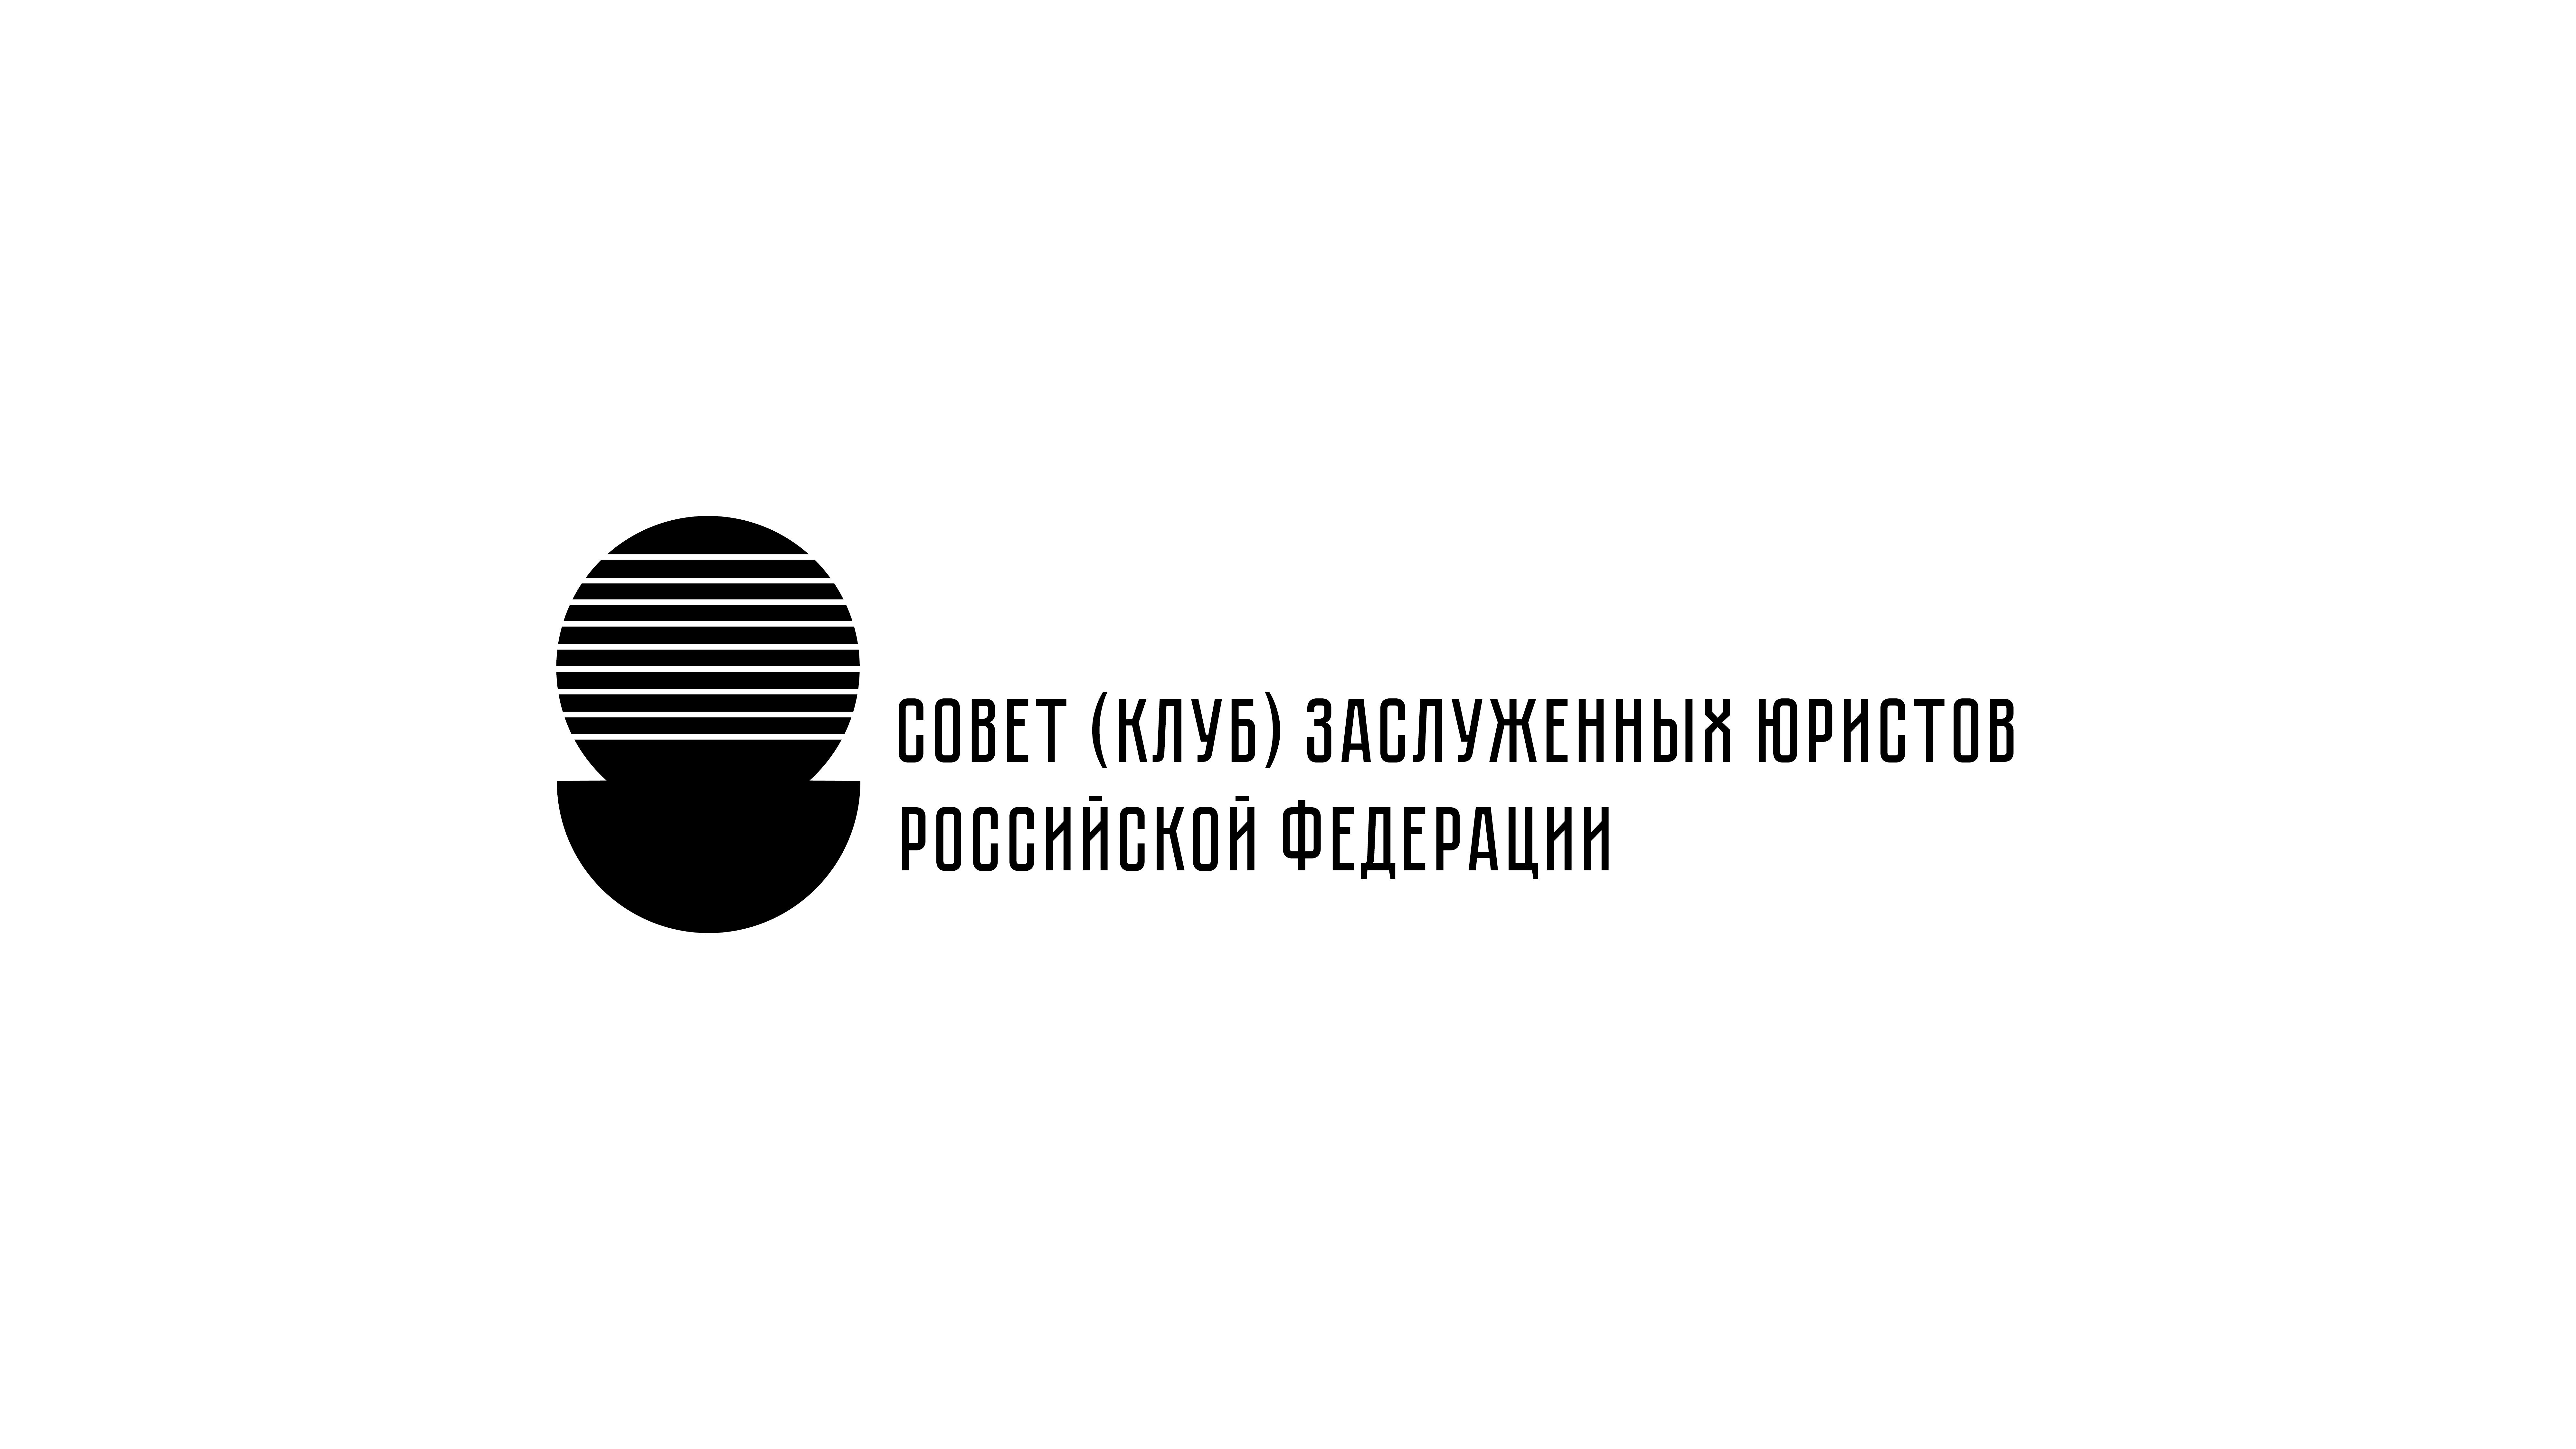 Разработка логотипа Совета (Клуба) заслуженных юристов Российской Федерации фото f_3975e3d93bfa7567.png